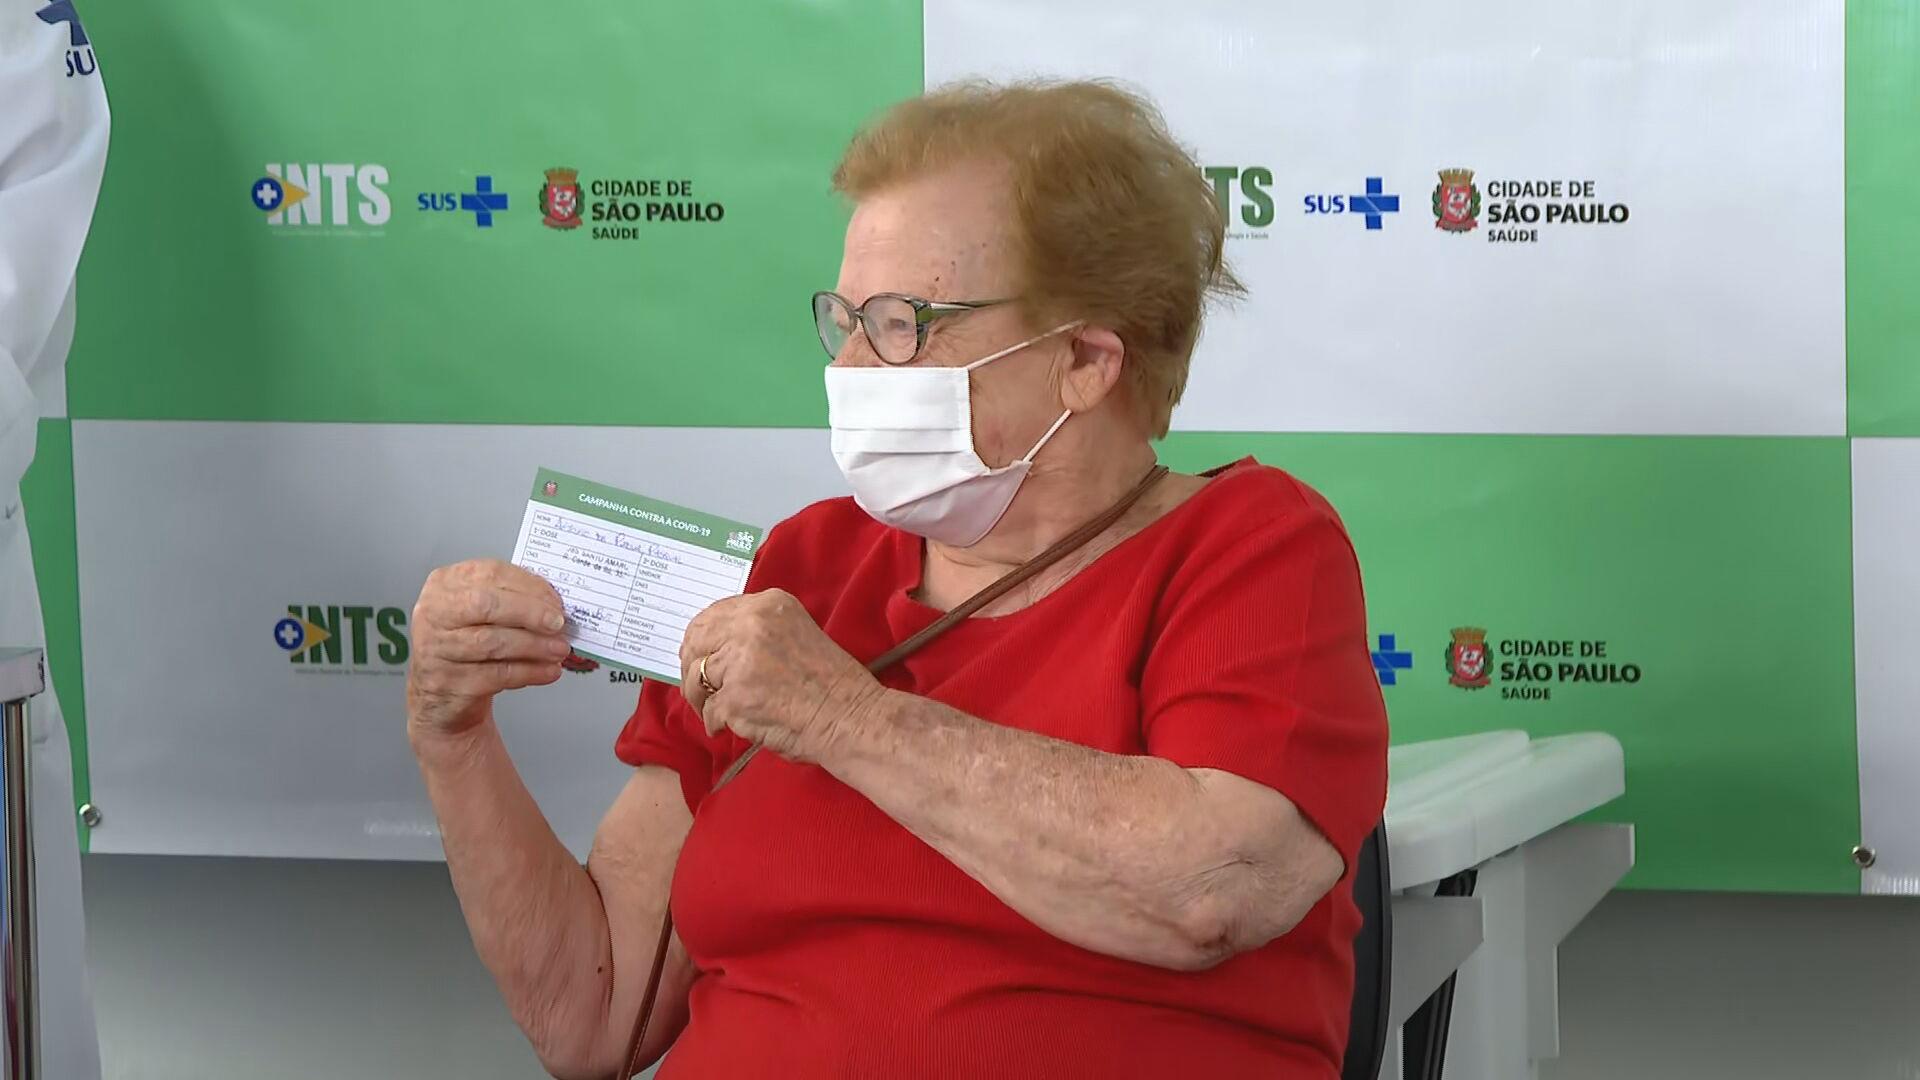 Idosos com mais de 90 anos são vacinados contra Covid-19 em São Paulo (05.fev.21